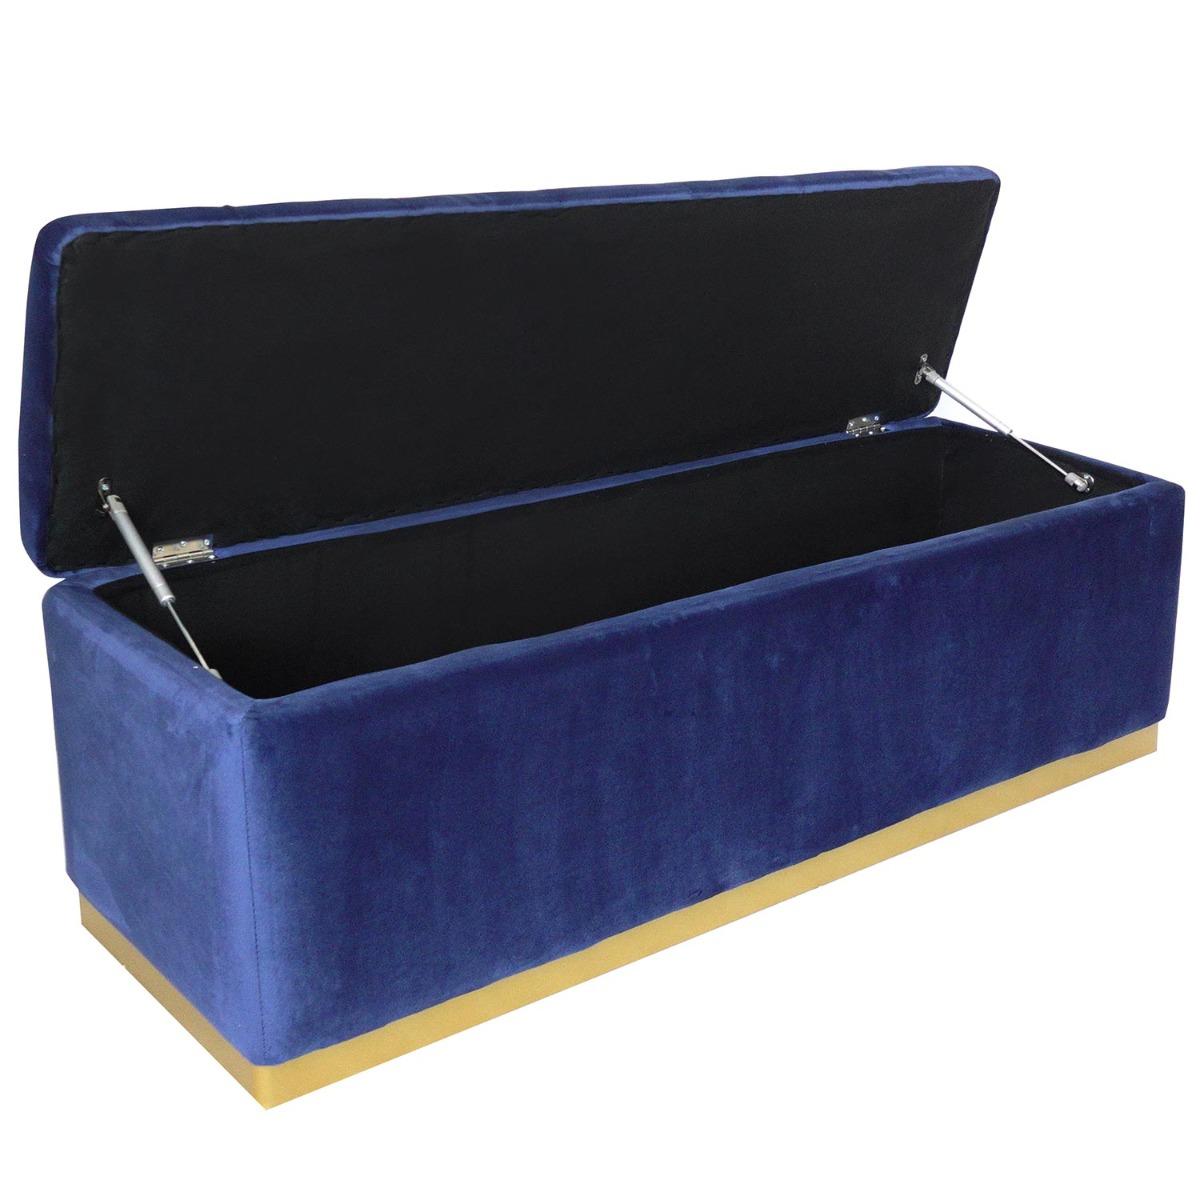 Borstbank Alexandrie Blue Velvet Gold Foot